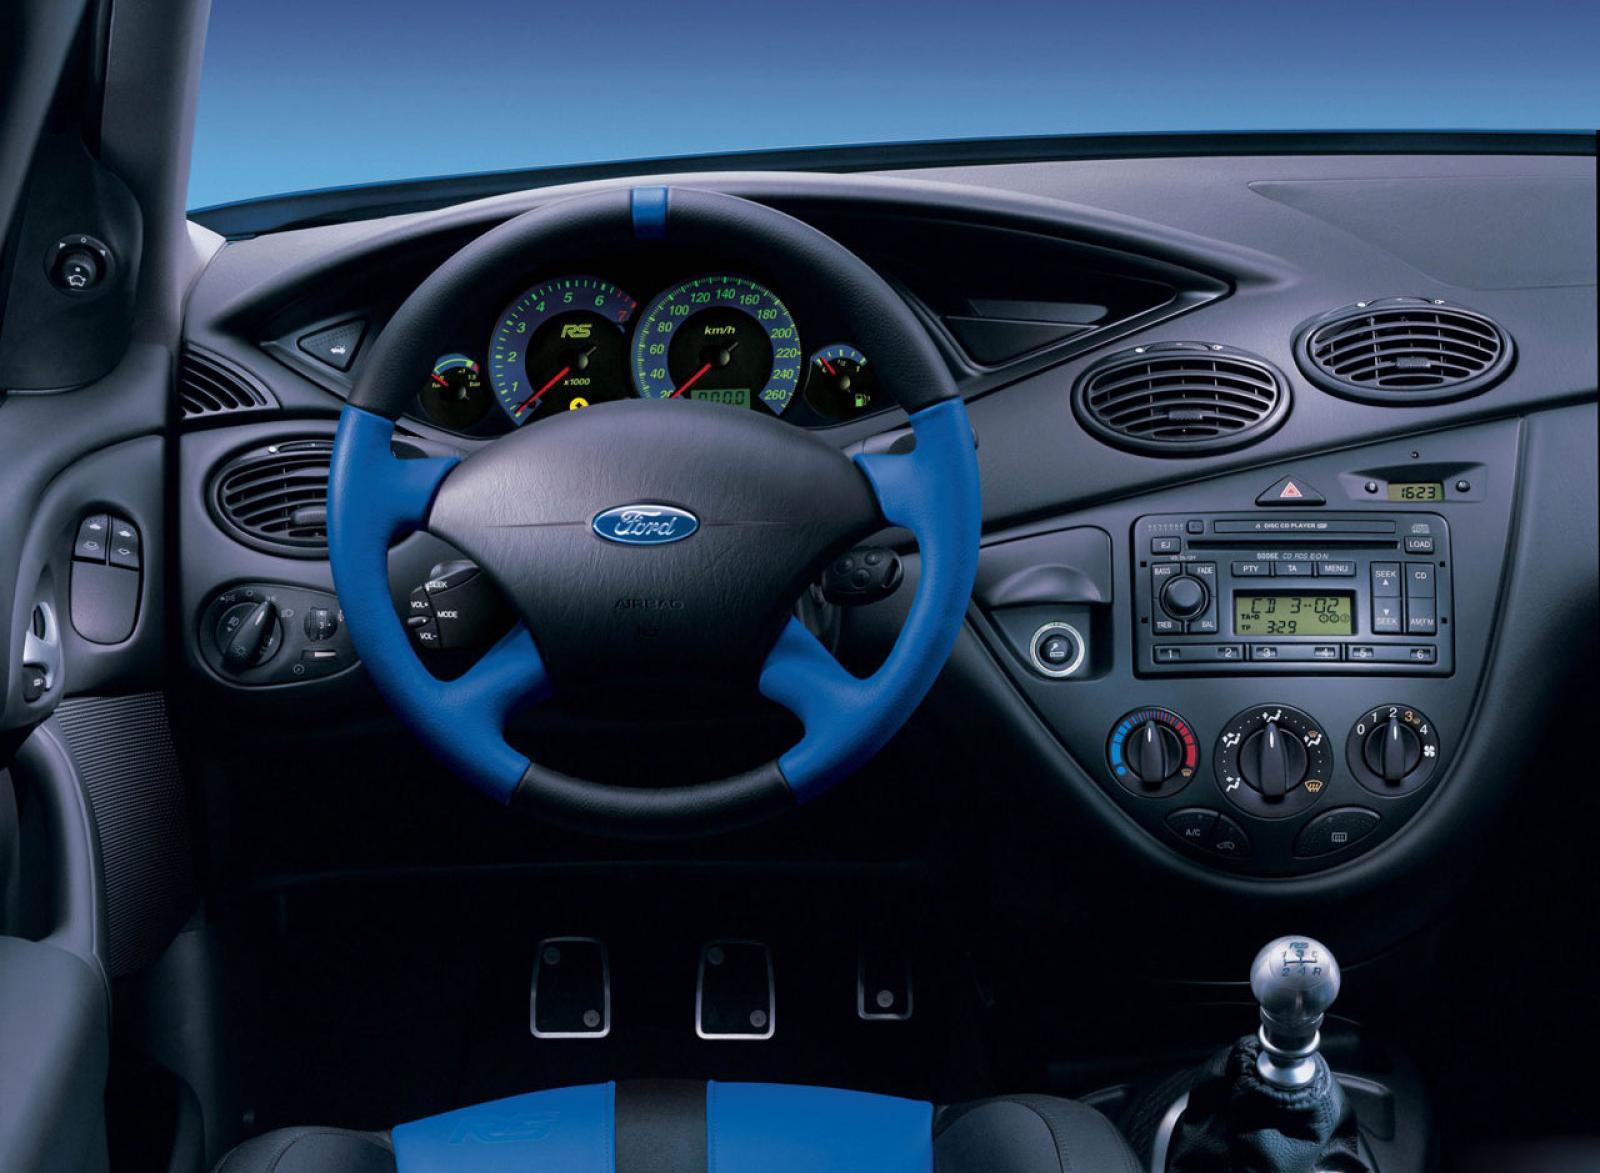 800 1024 1280 1600 origin 2002 ford focus